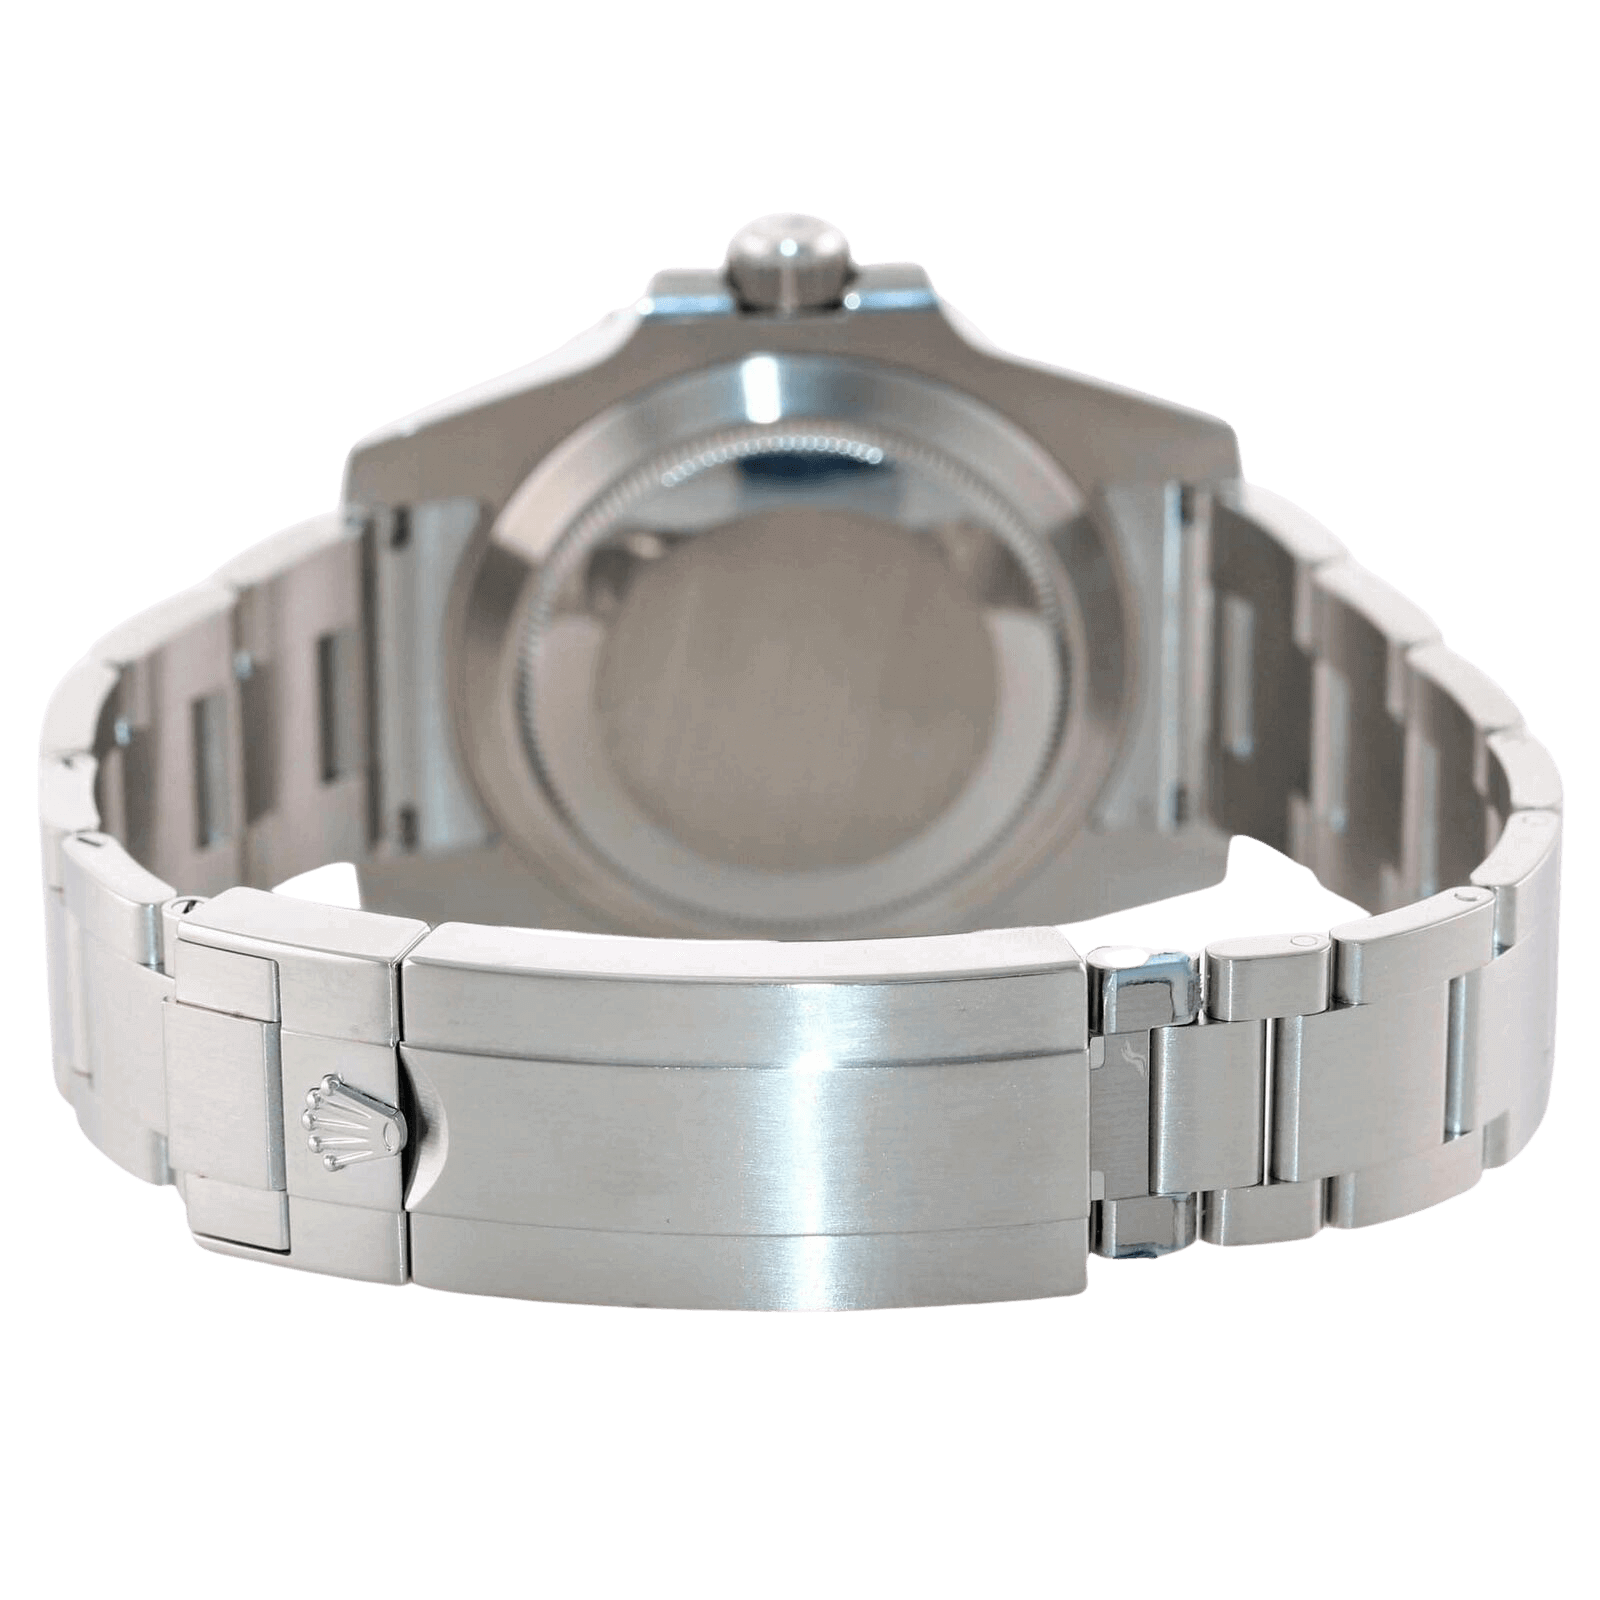 Rolex Submariner back clasp